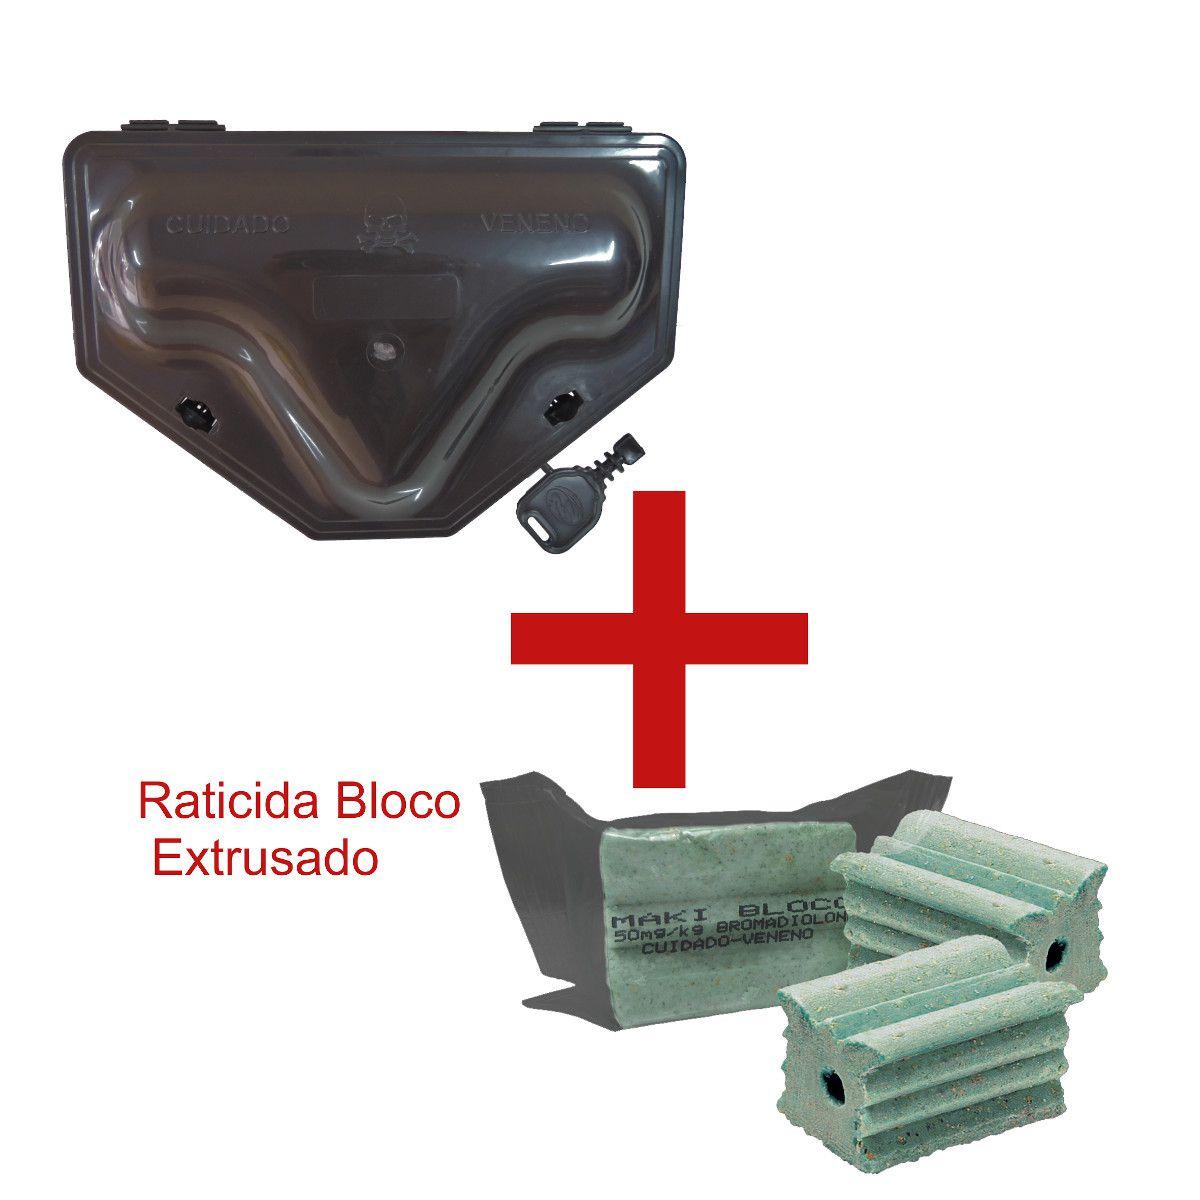 KIT 900 Porta Iscas Forte Ratoeira Mata Ratos 2 TRAVAS Chave